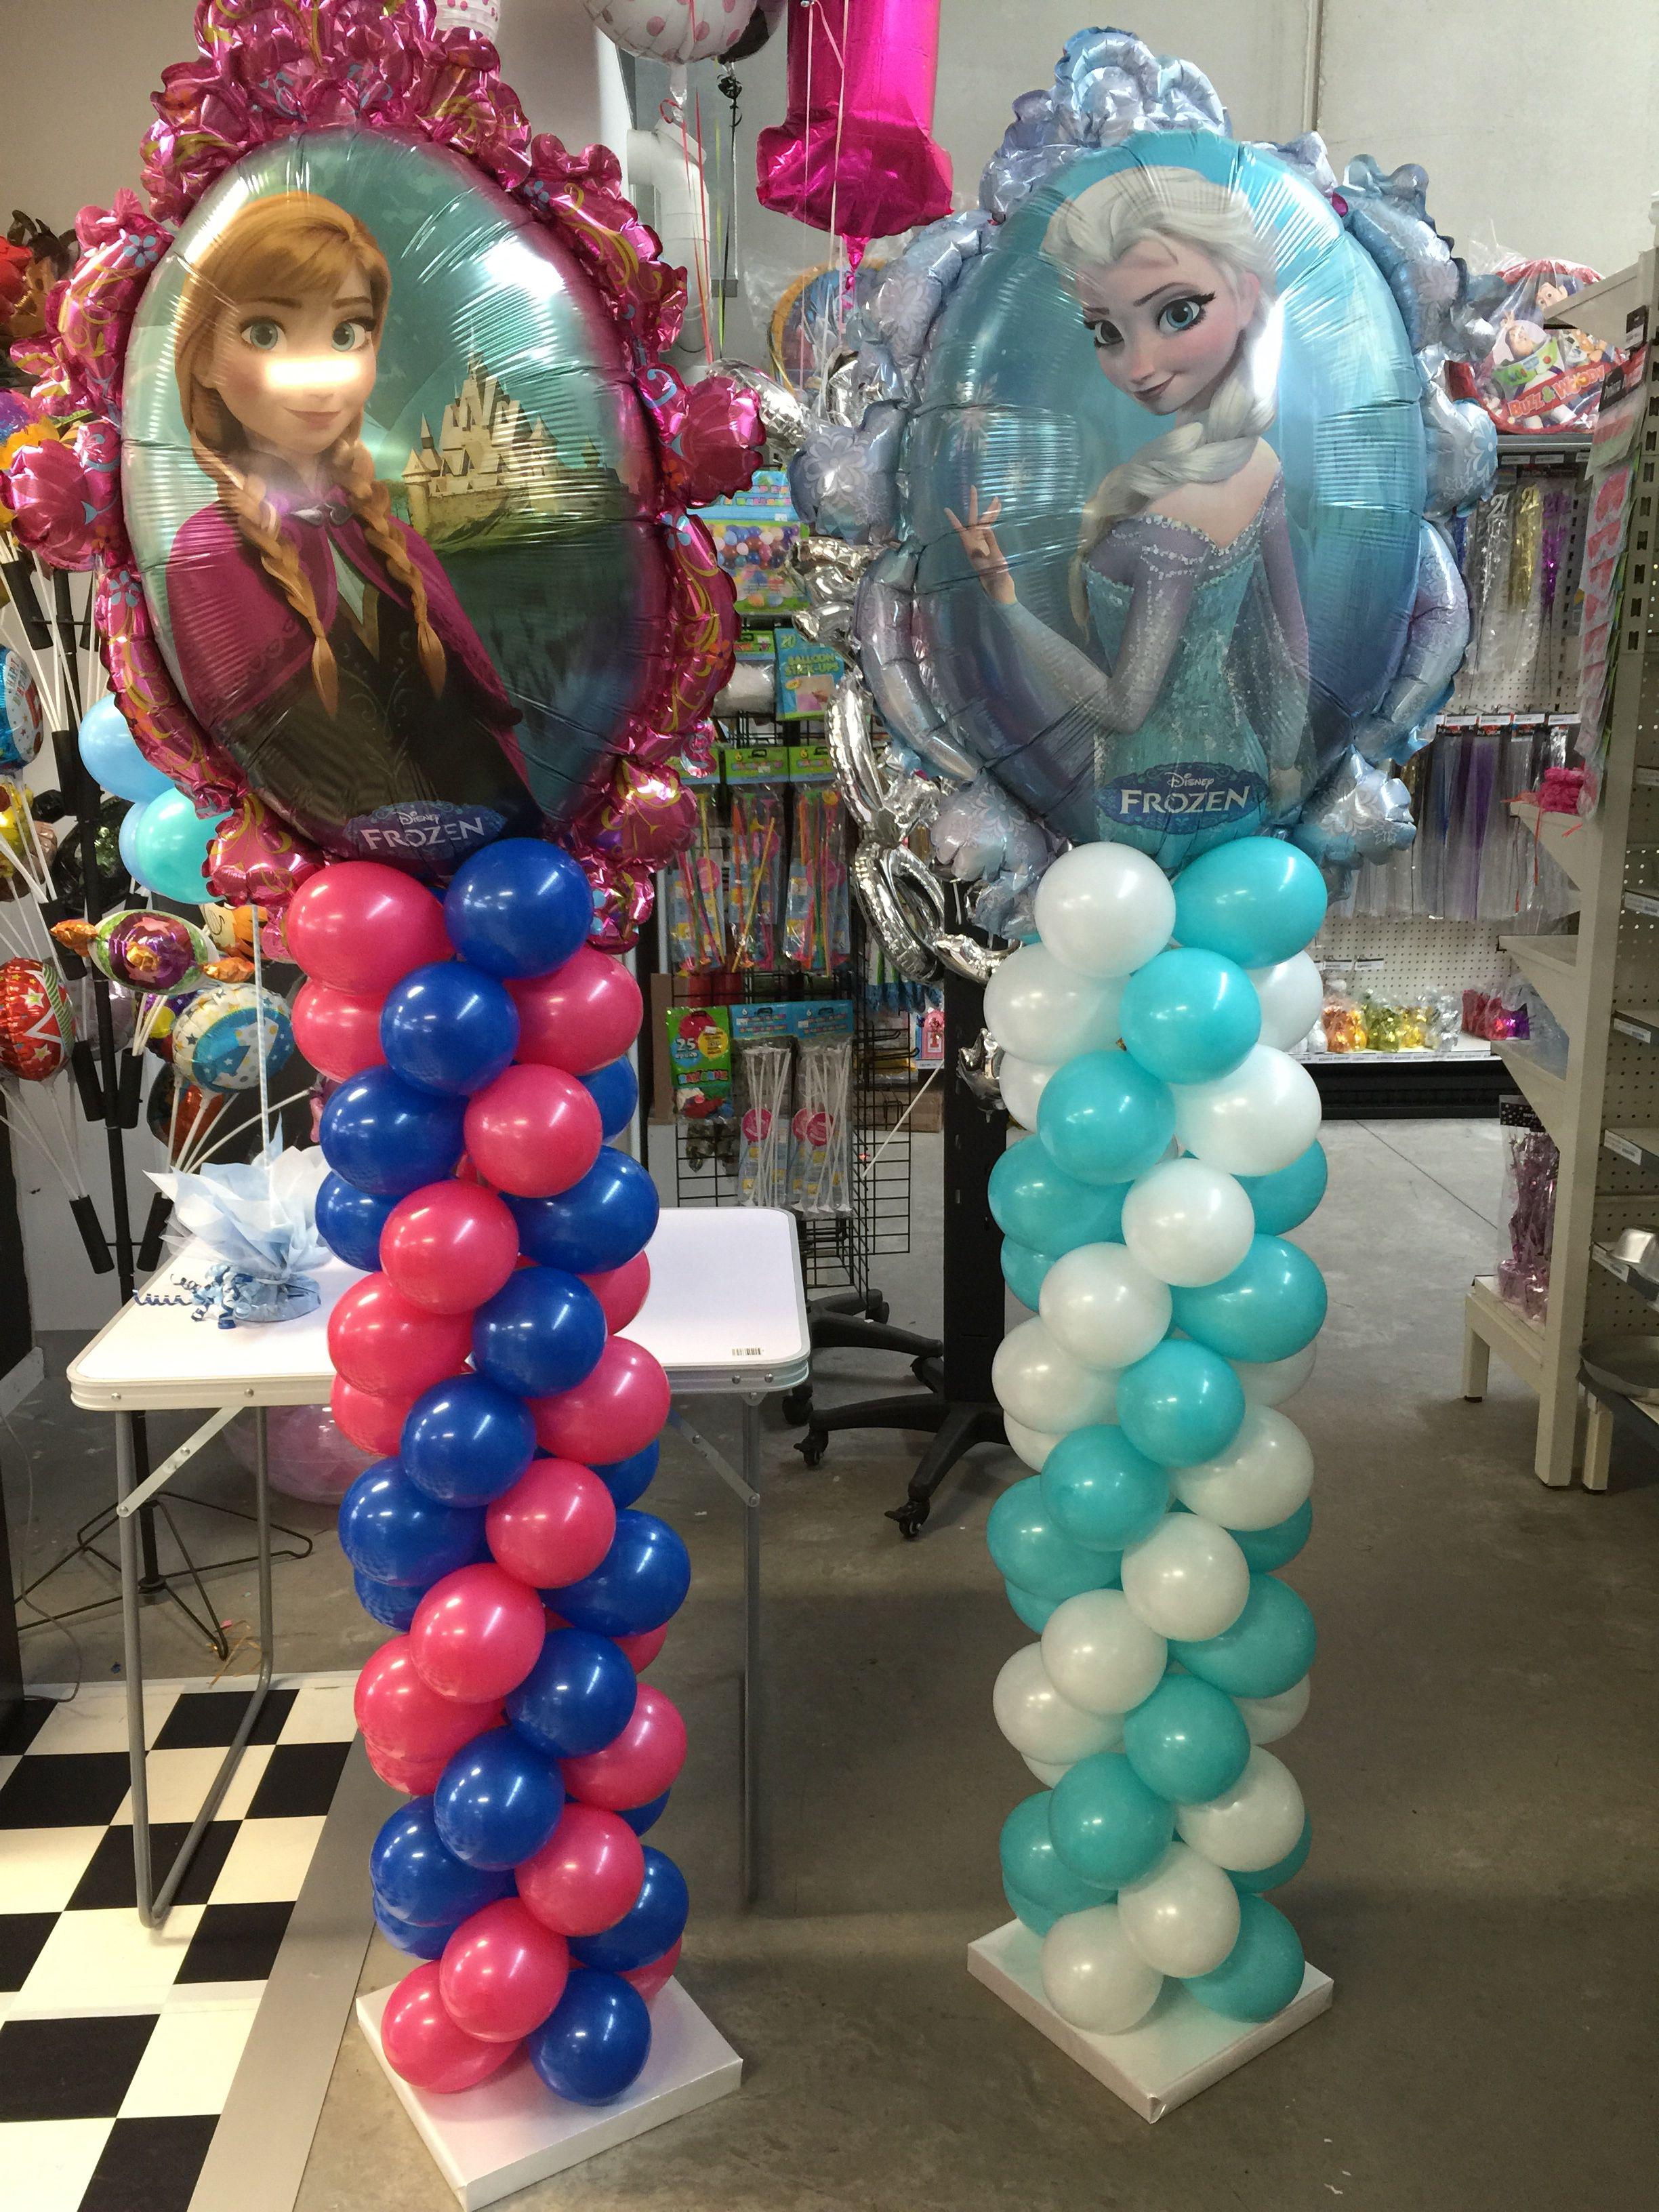 Frozen balloon decorations fun ideas pinterest